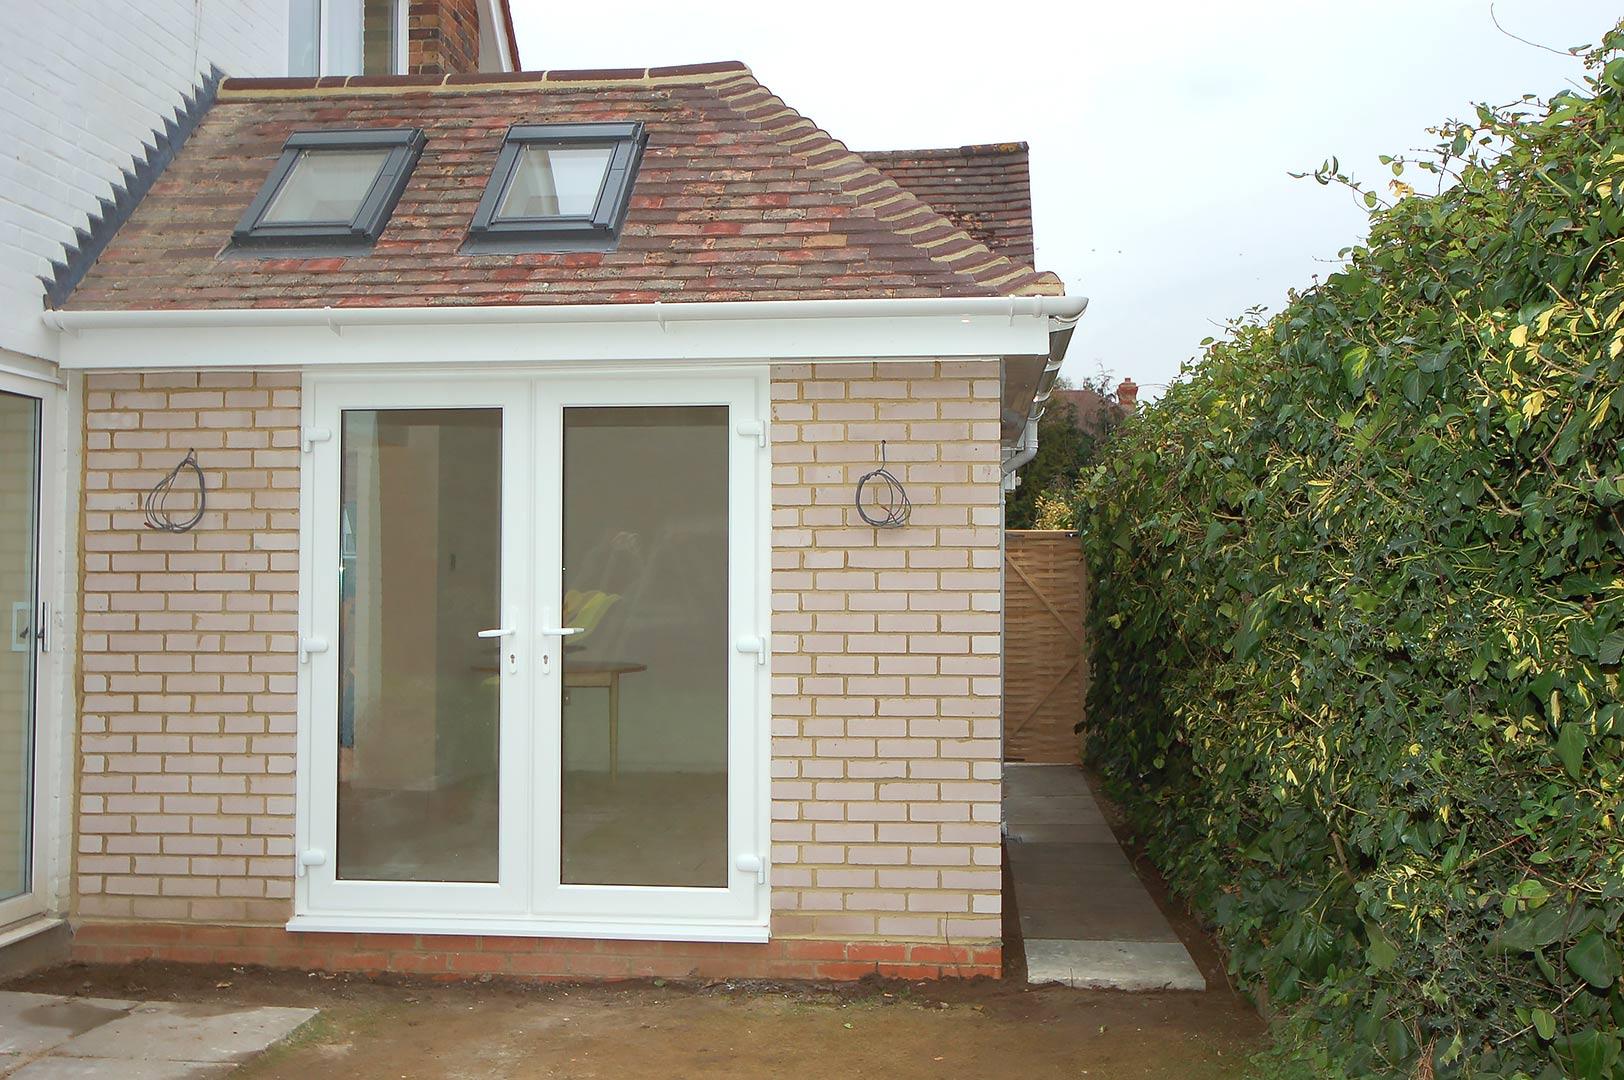 Easyplan house extensions plans birmingham, harborne,kings heath.